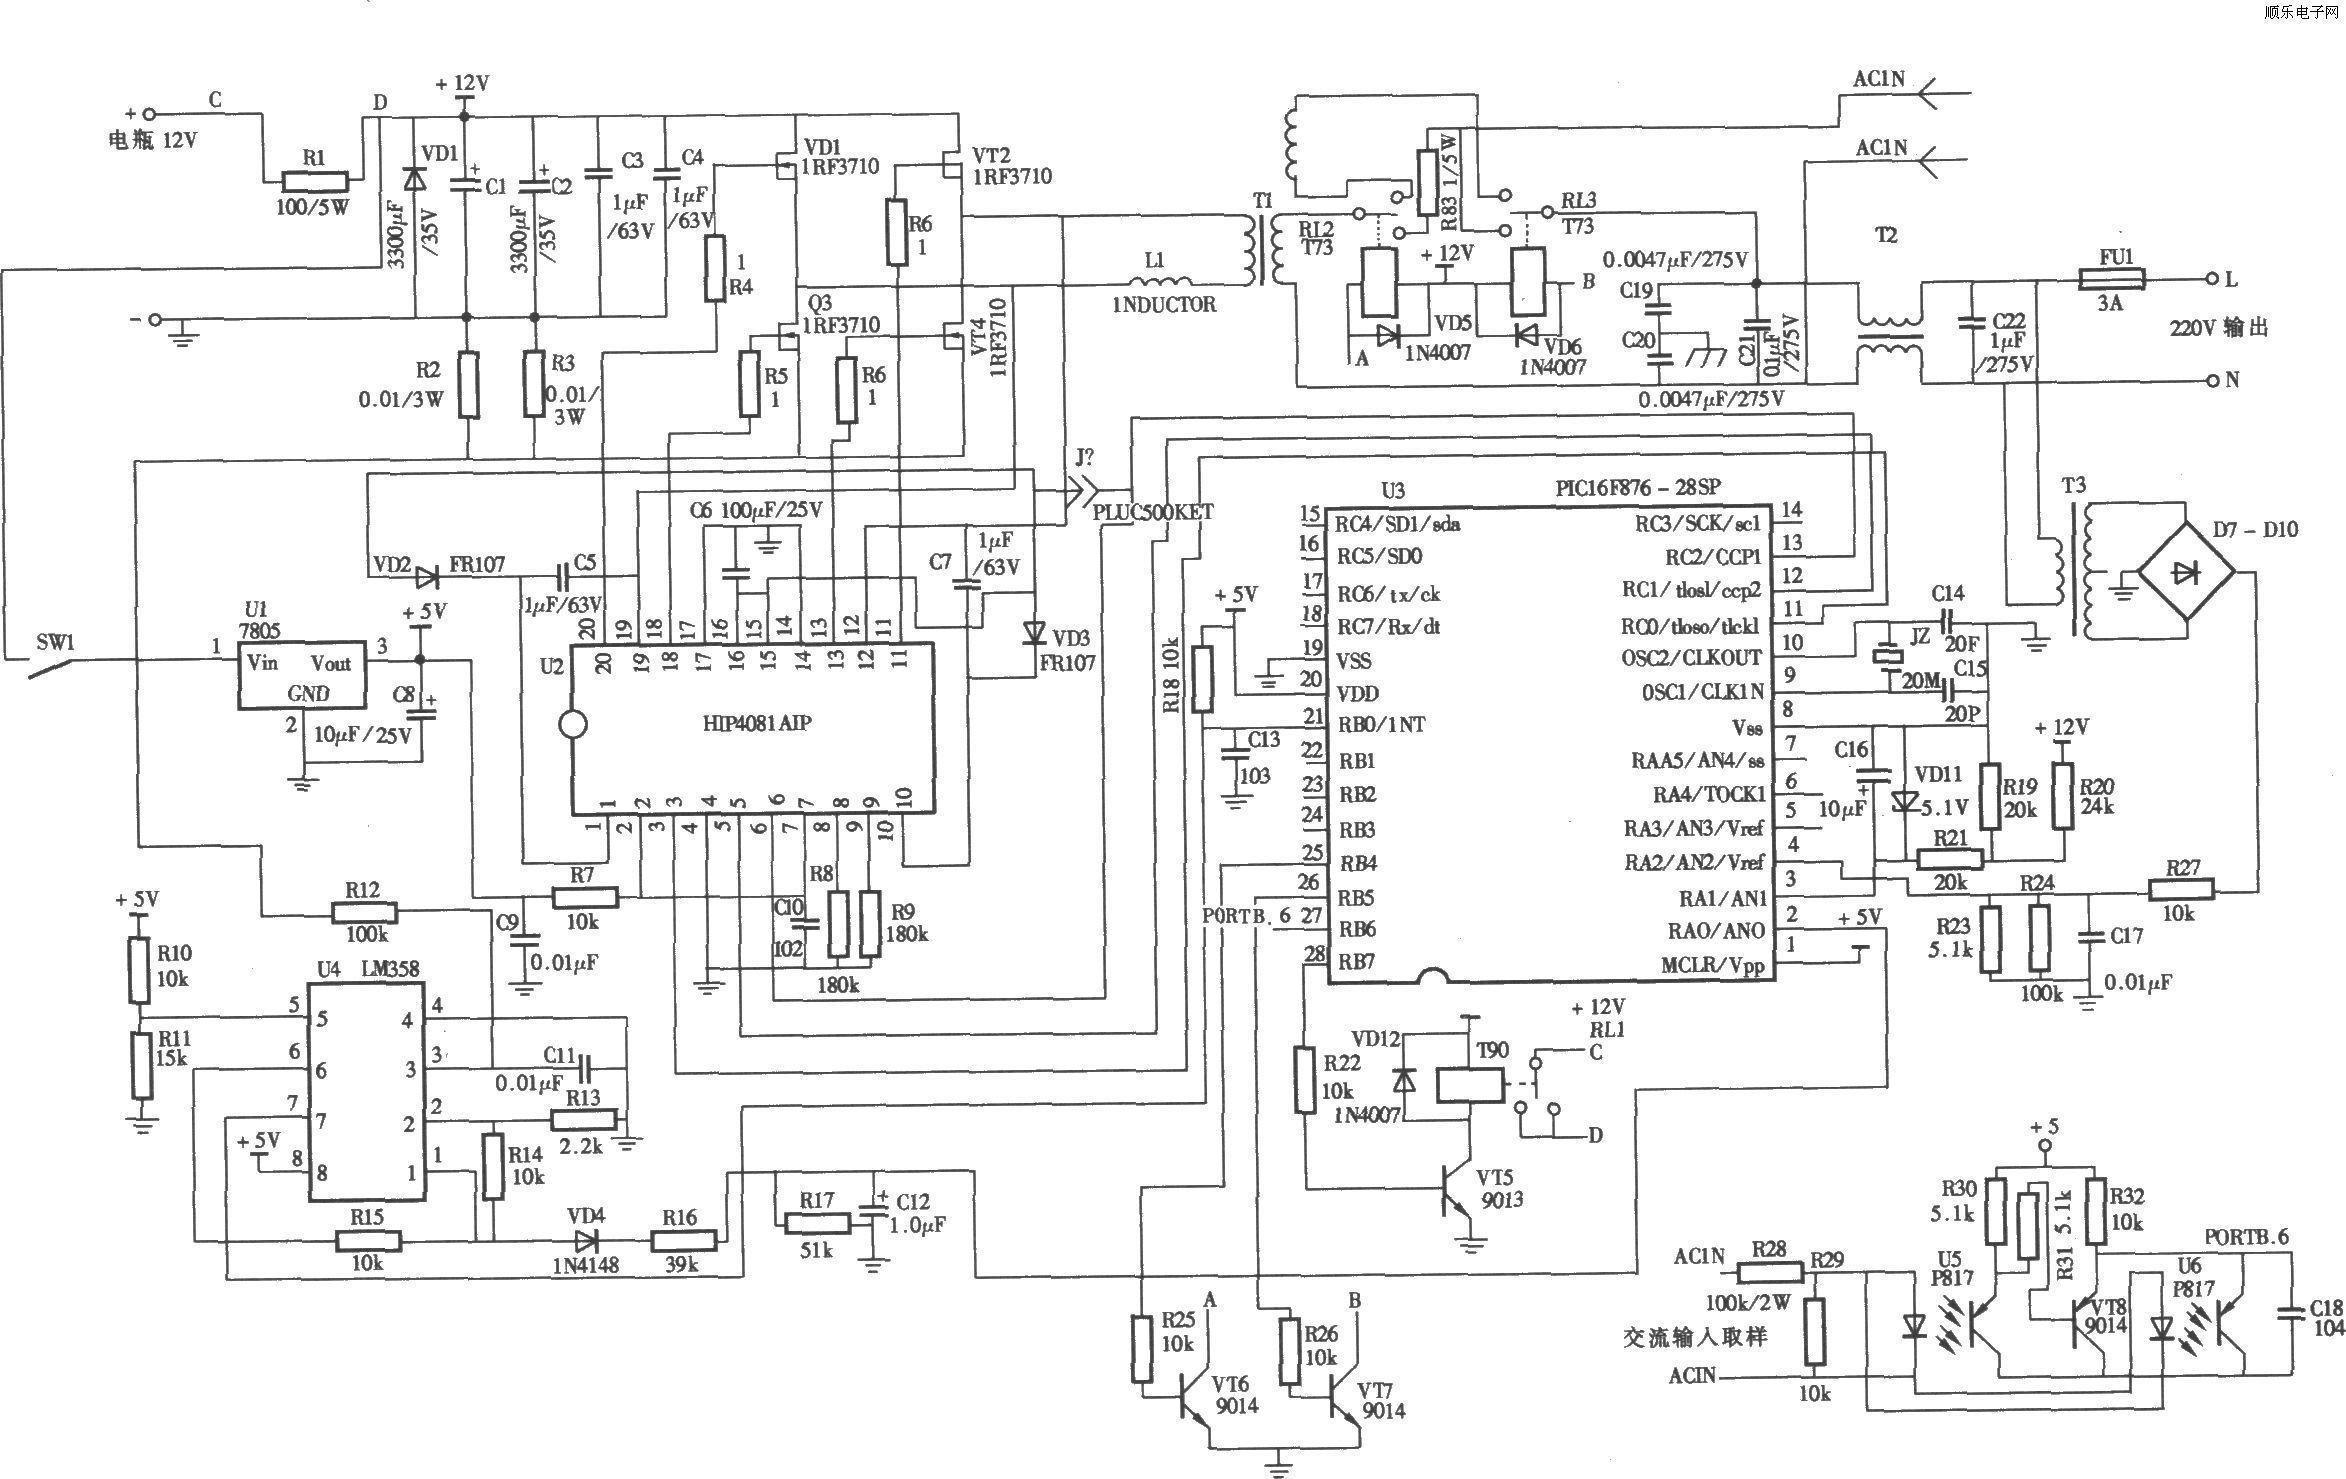 输出需要是220v50hz,2000w, 转换部分的电路如何连接?